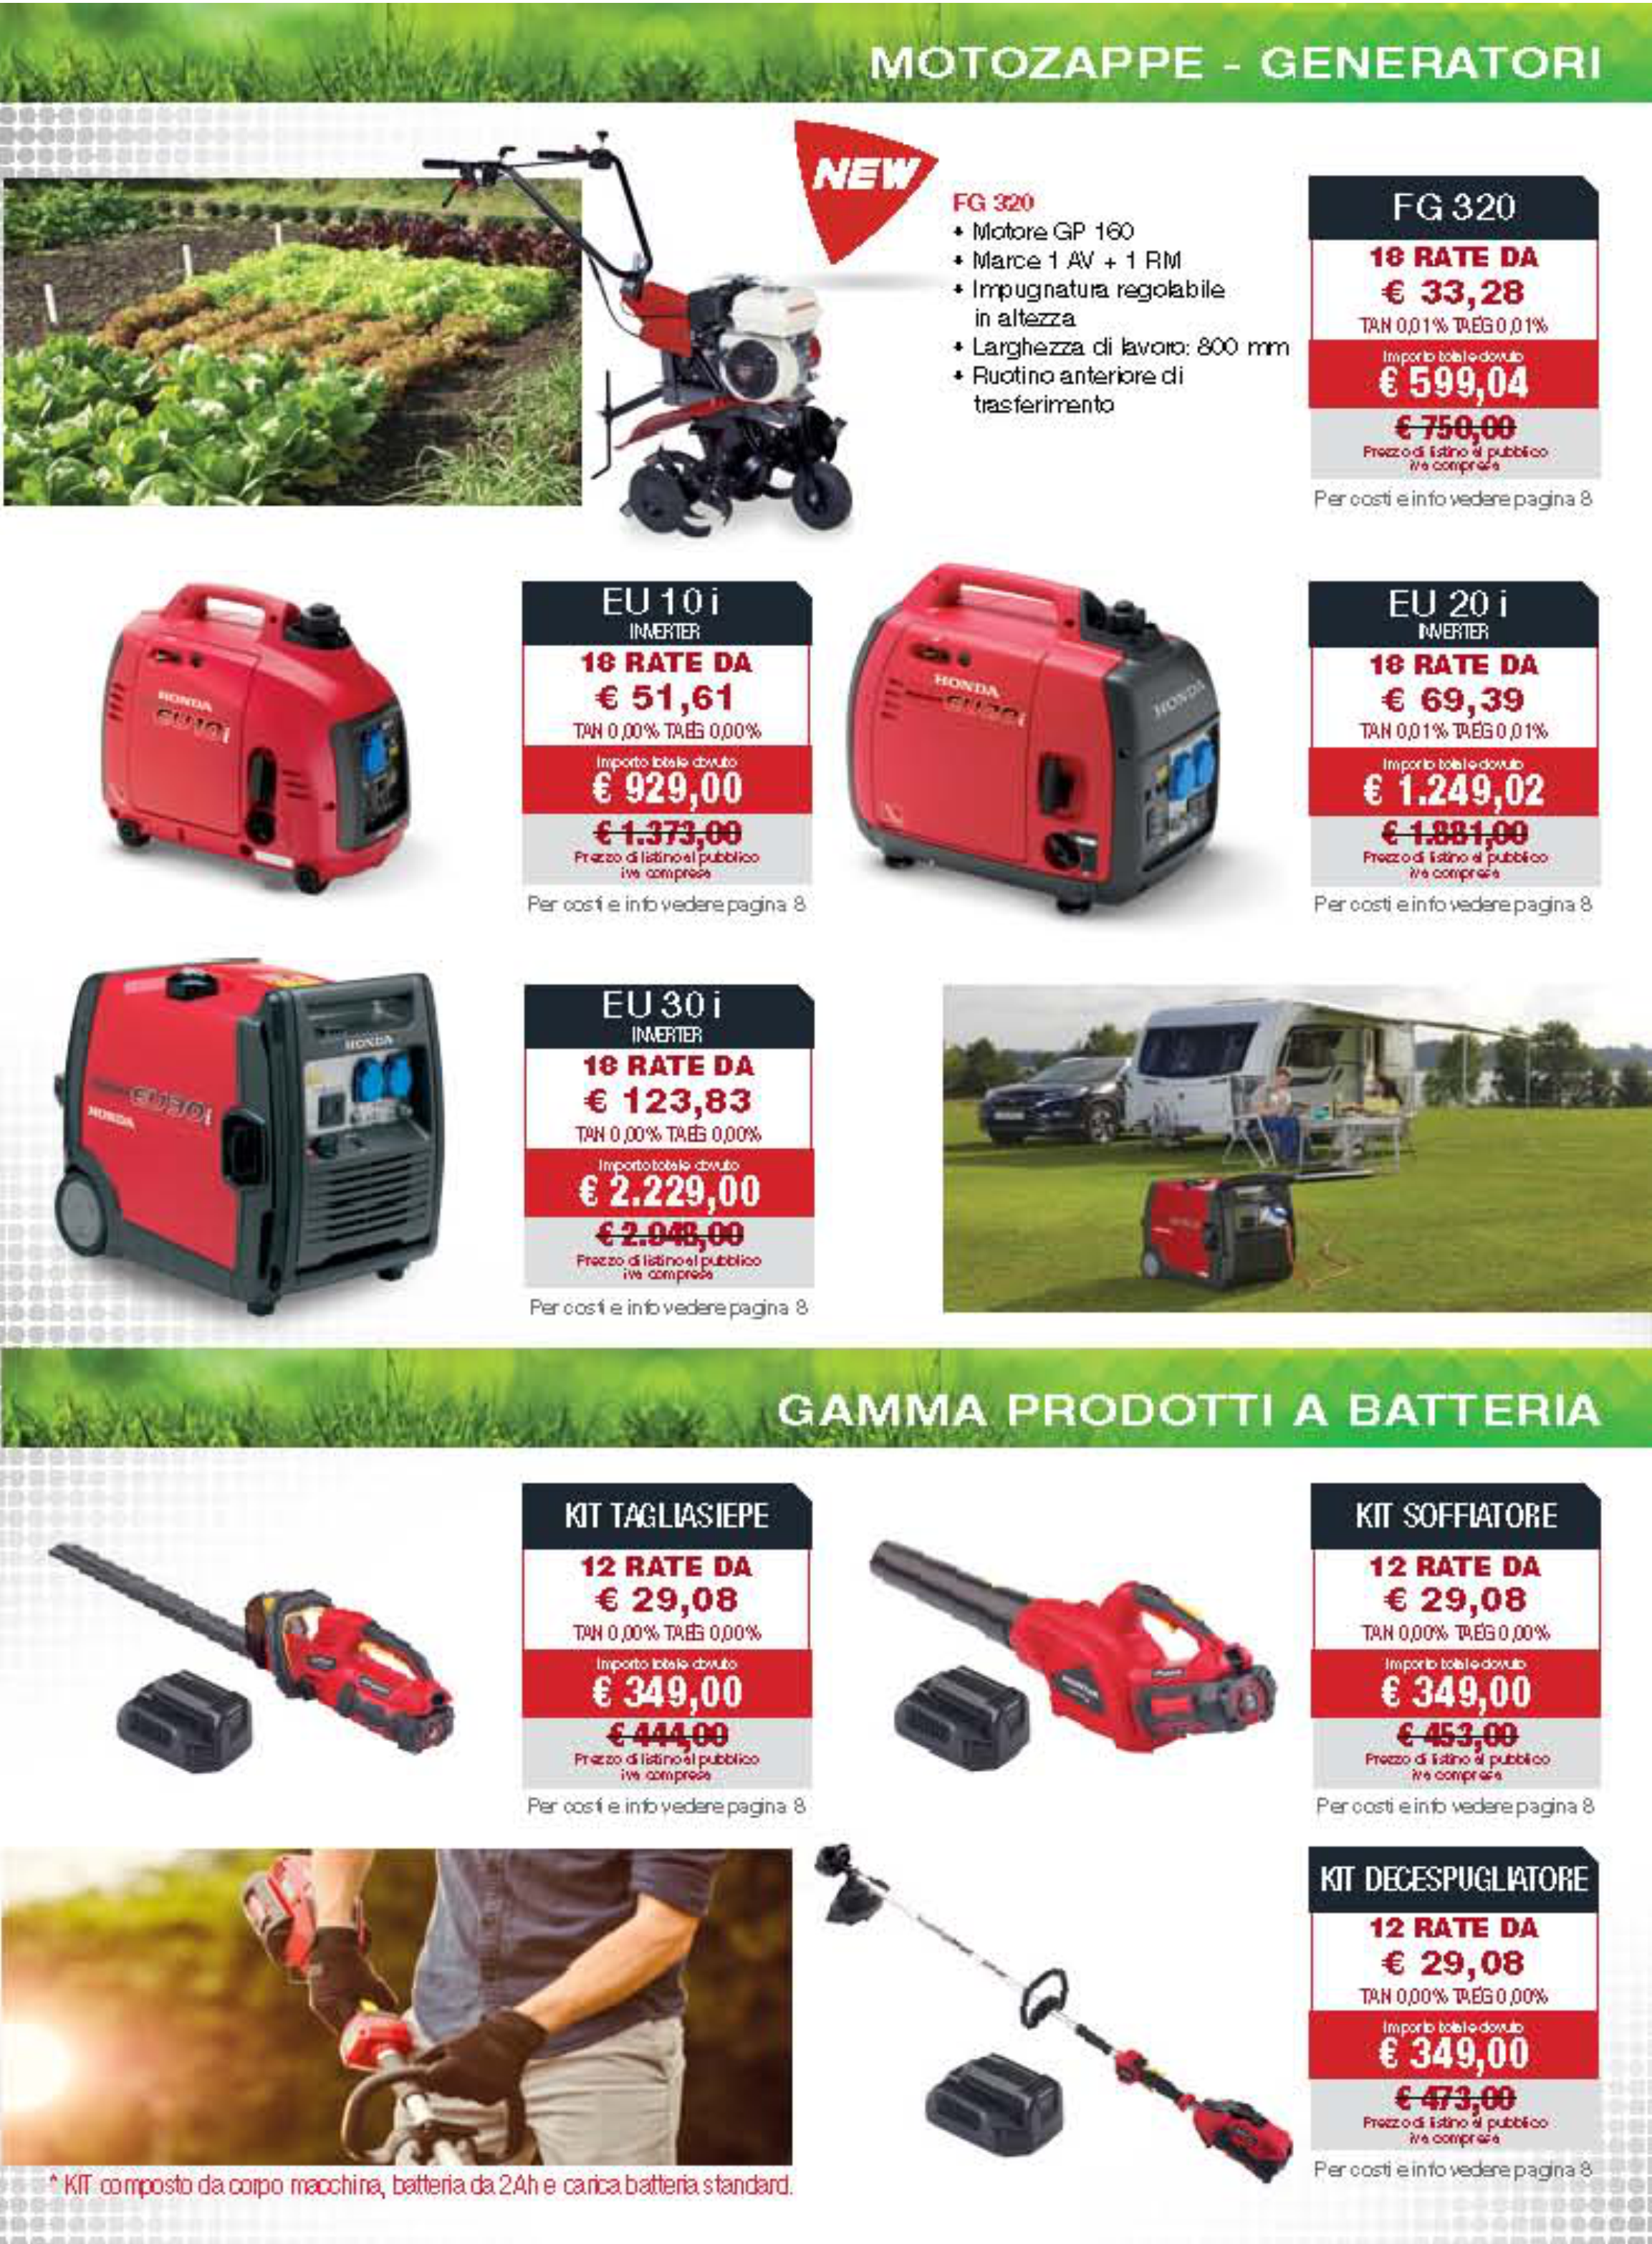 Honda Power Equipment_Leaflet Promo 2017